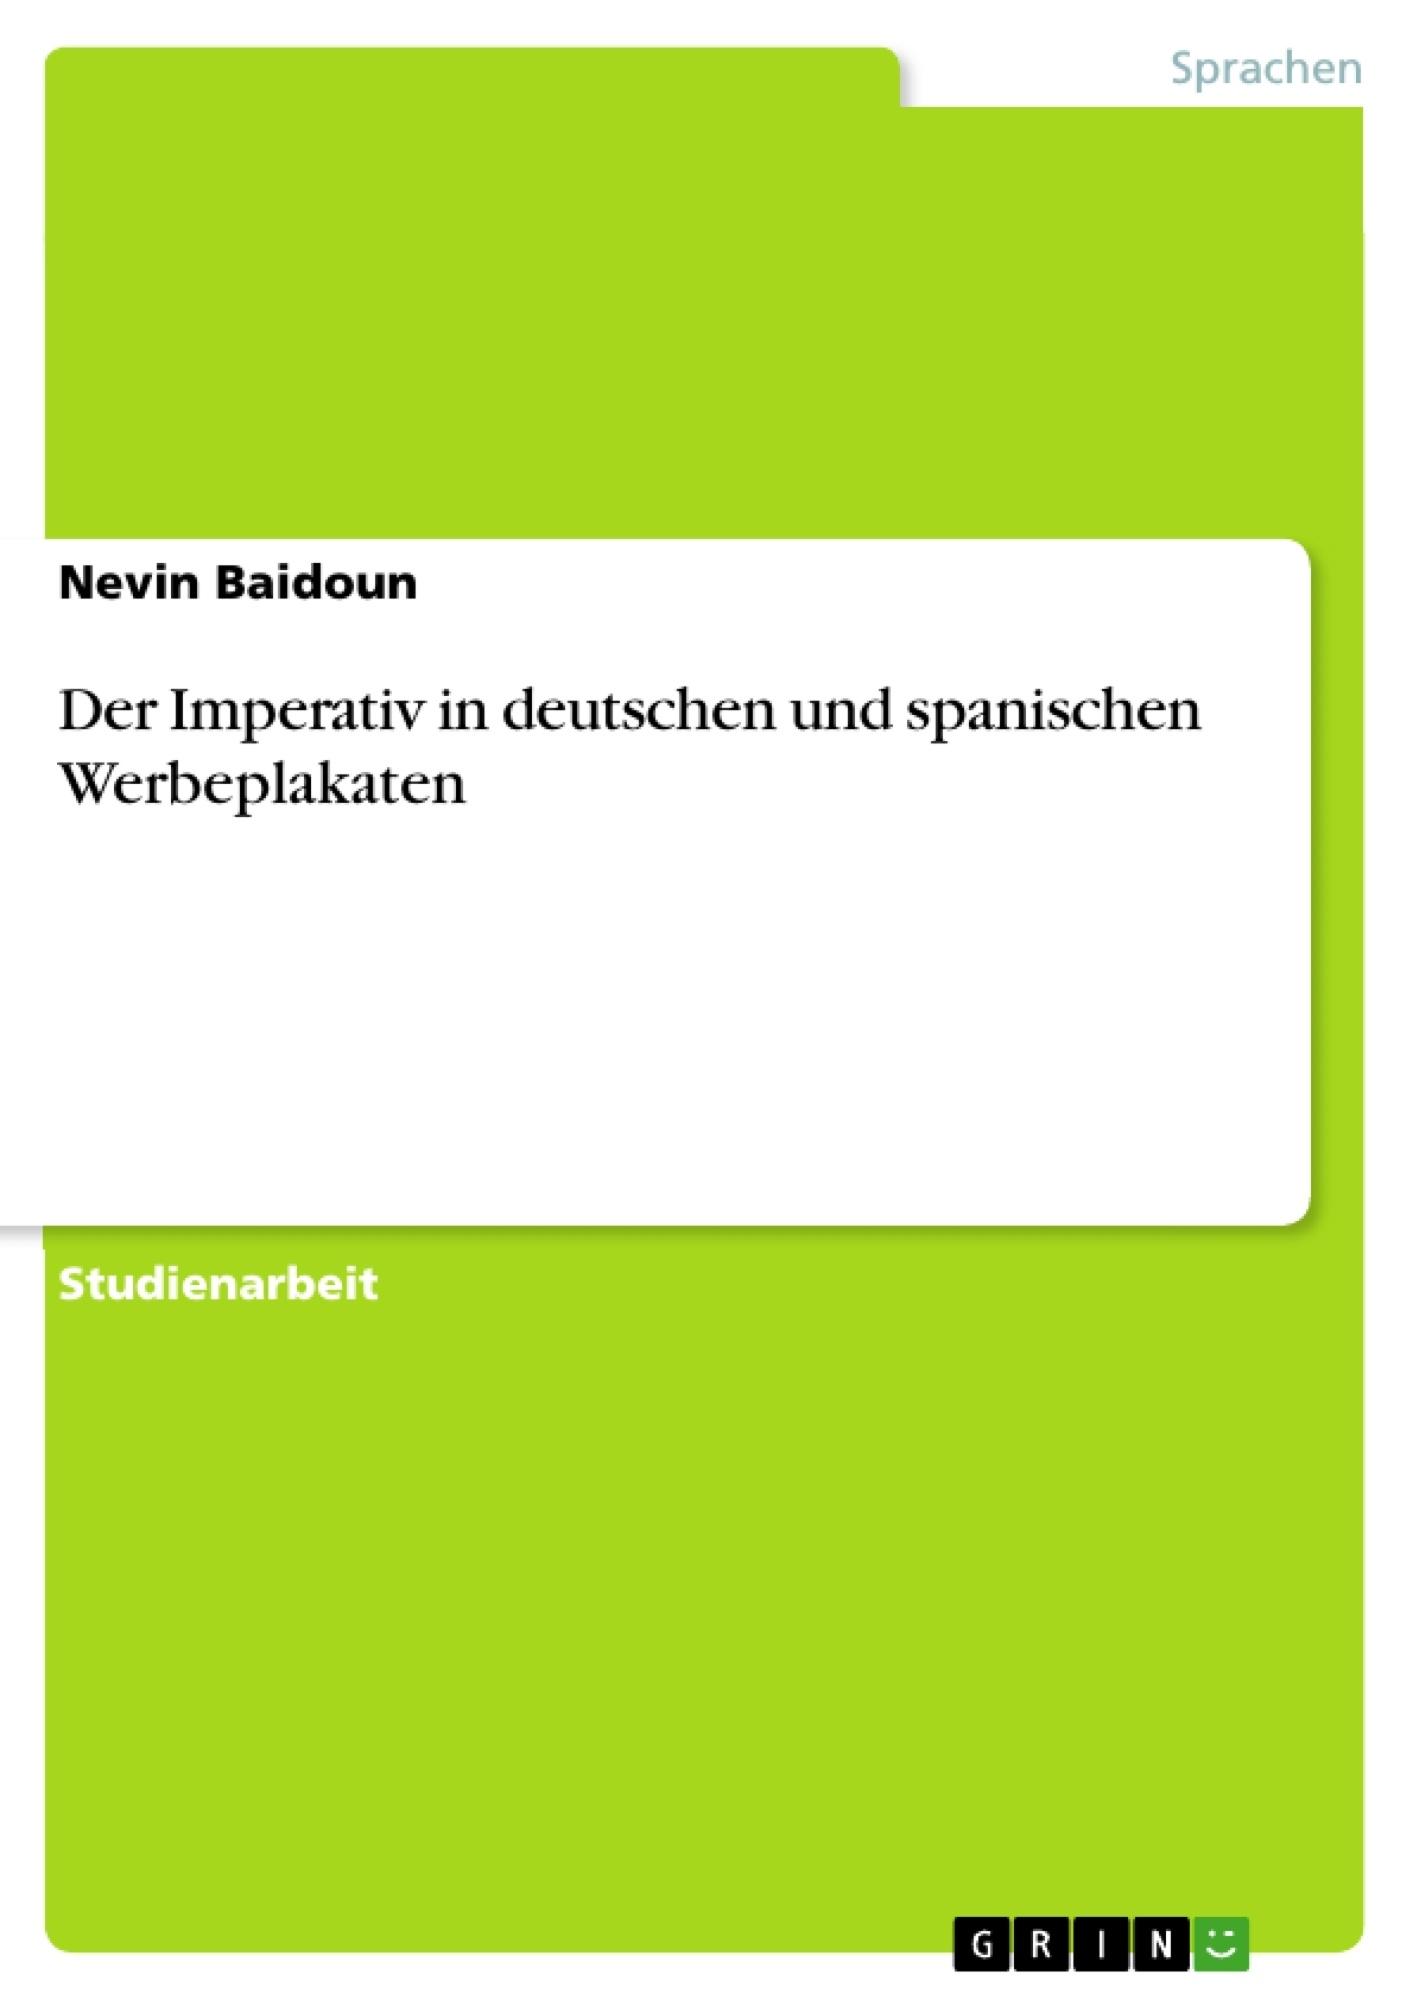 Titel: Der Imperativ in deutschen und spanischen Werbeplakaten